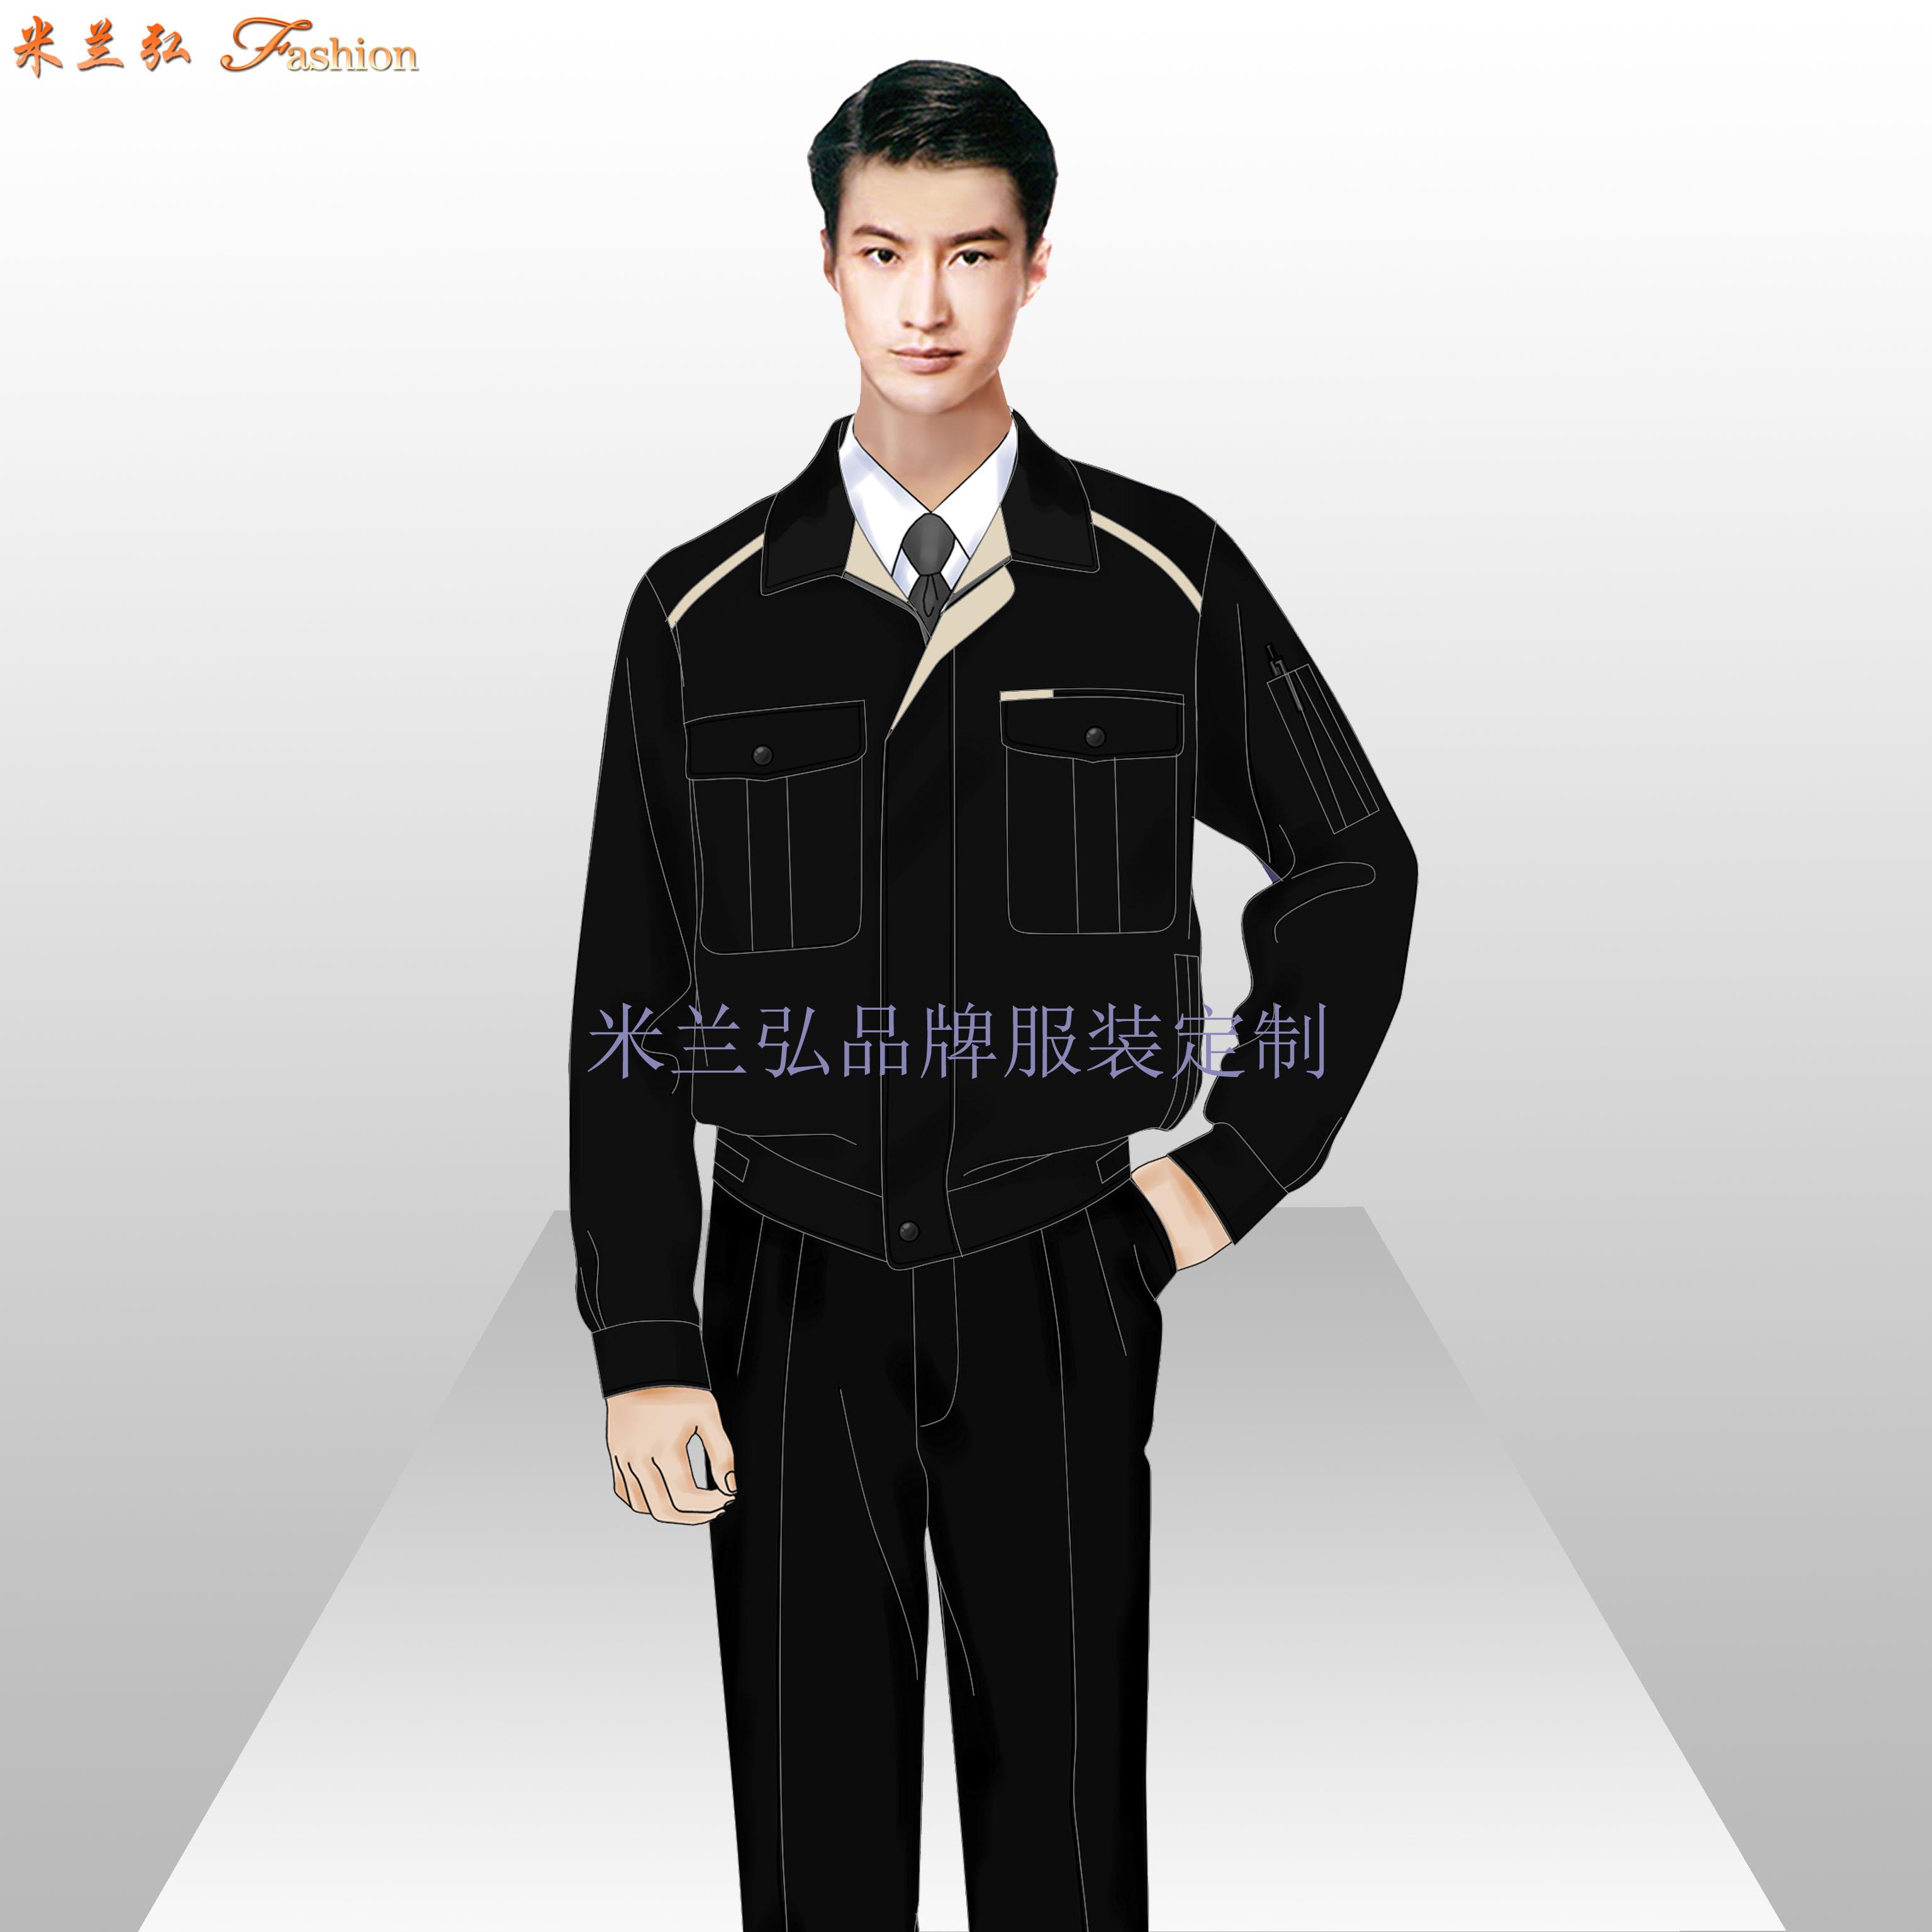 安徽工作服廠家-工作服定做價格圖片-米蘭弘服裝-2